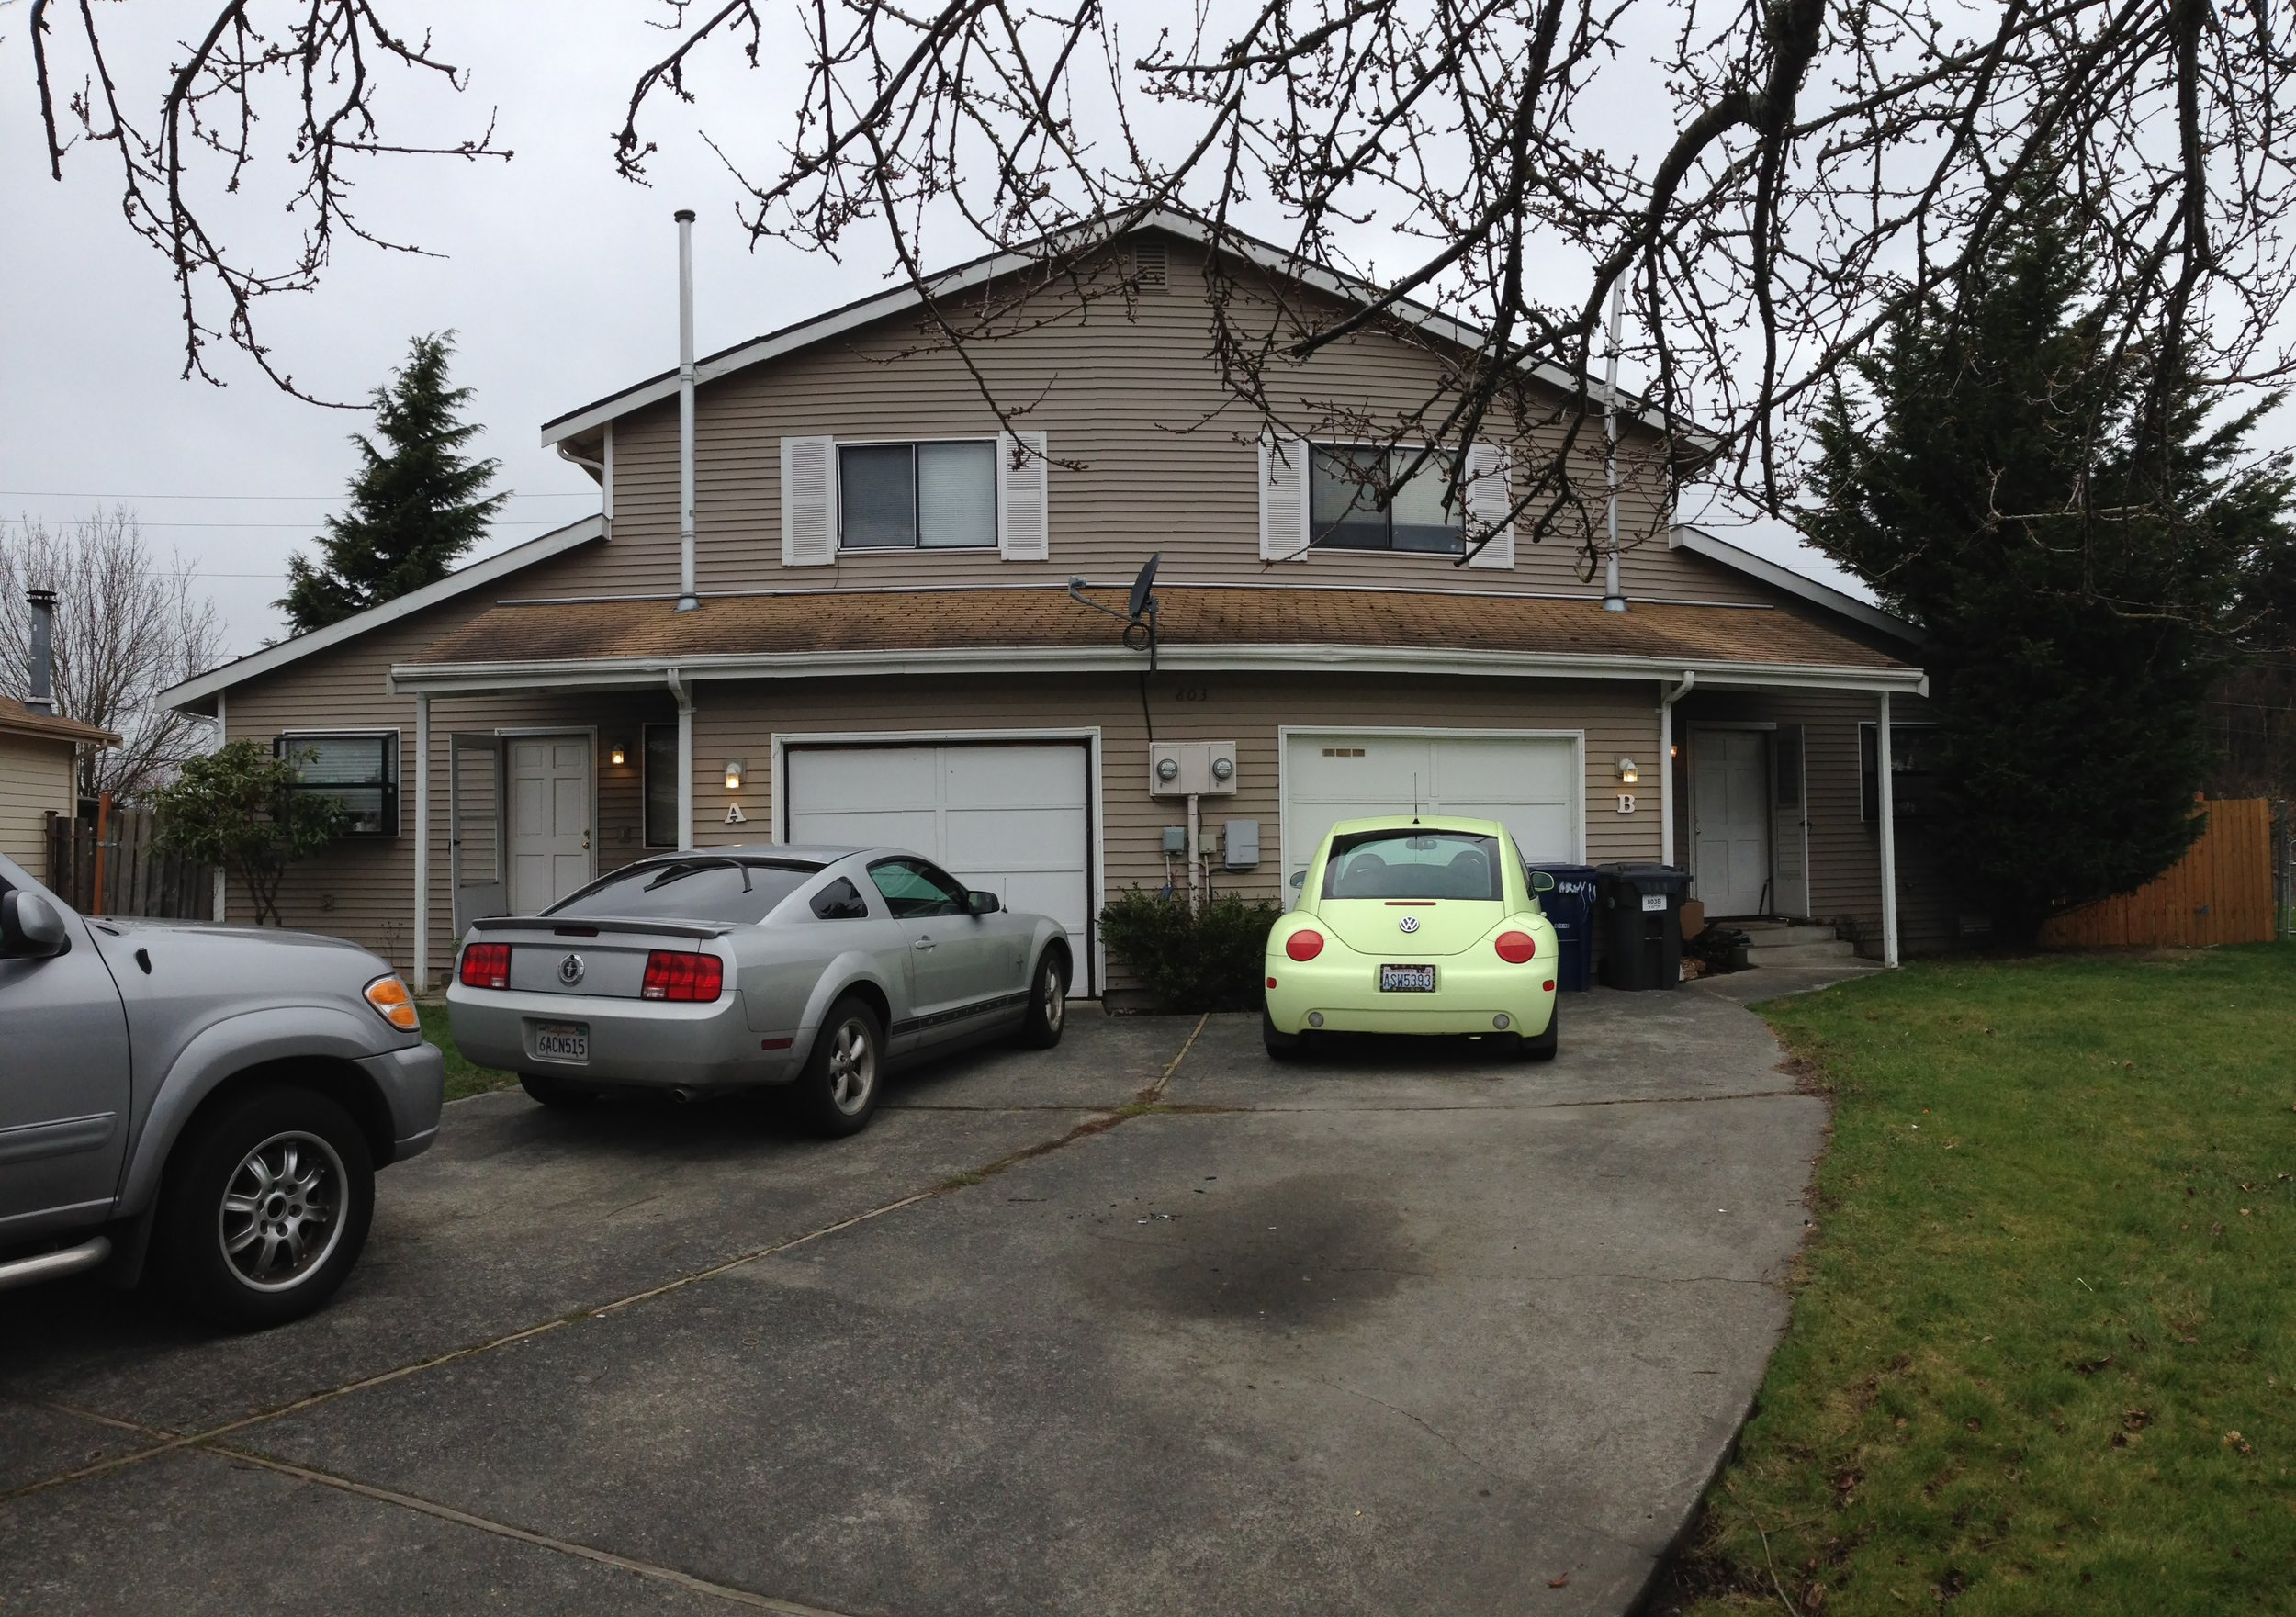 Mount Vernon Duplex - 803 S 22nd Pl, Mount Vernon WA 98274